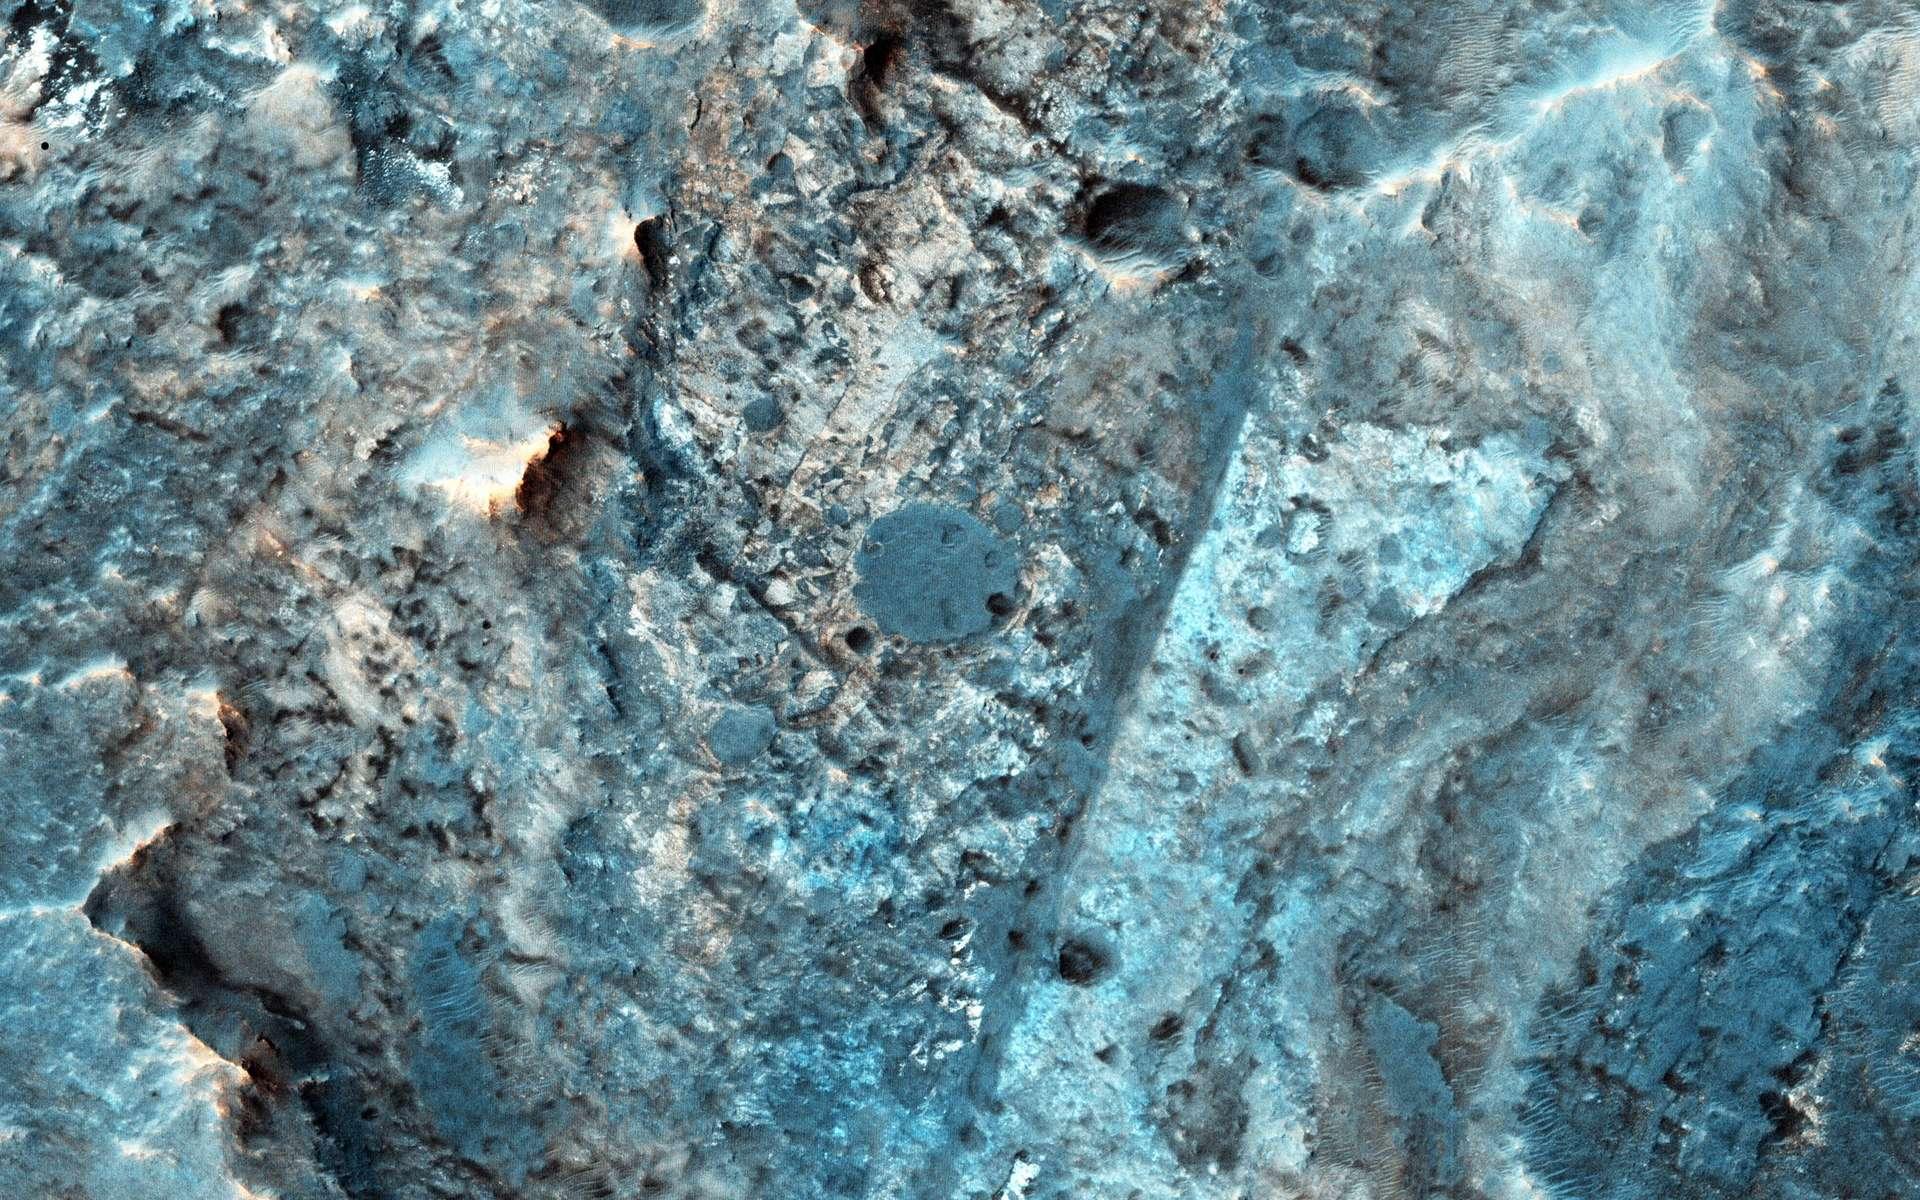 Les plus profonds cratères de Mars, ou bassins d'impact, auraient autrefois abrité des lacs alimentés par un vaste réseau d'eaux souterraines. Ici, une vue rapprochée d'un de ces cratères, le cratère Mc Laughlin. © Nasa/JPL-Caltech/University of Arizona